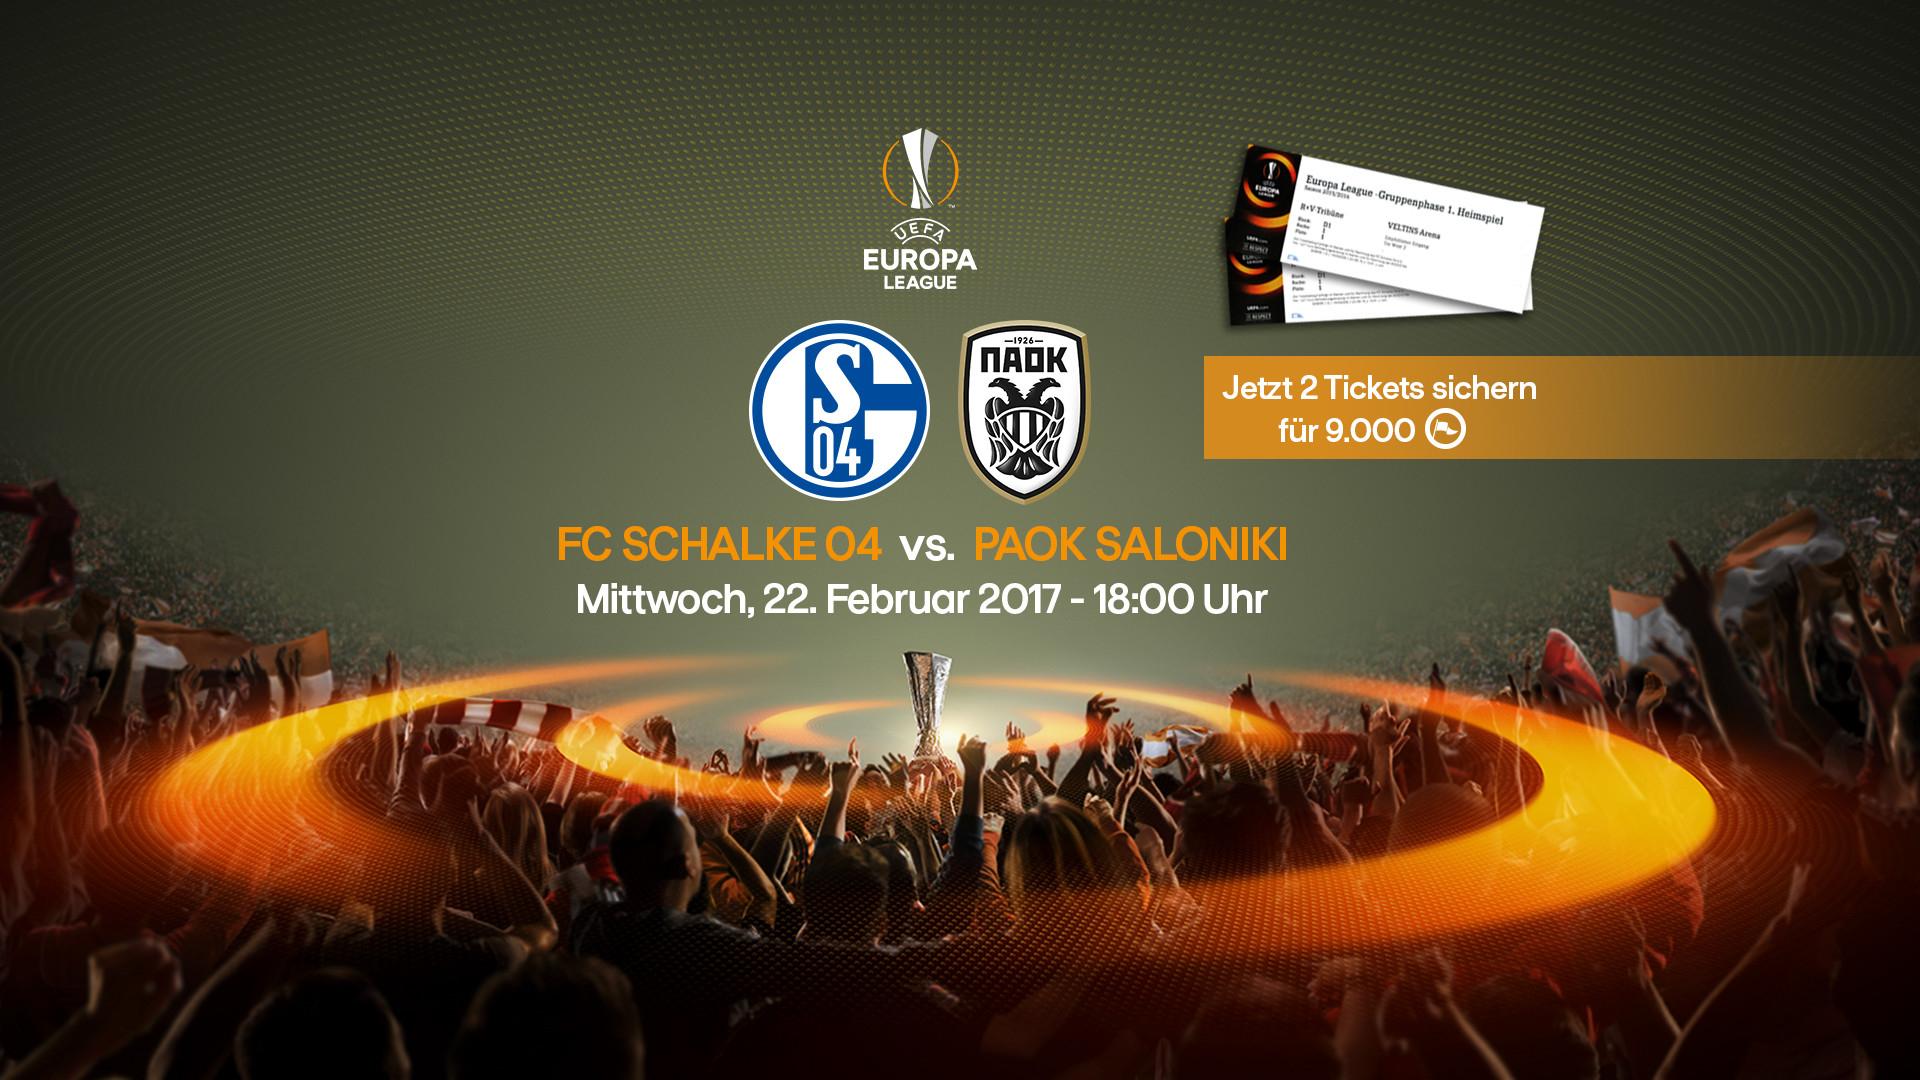 !Gratis Fußballtickets abstauben! Trick für Schalke Fans und Groundhopper um gratis an Tickets für ein Heimspiel auf Schalke zu kommen – Die Vierte;)